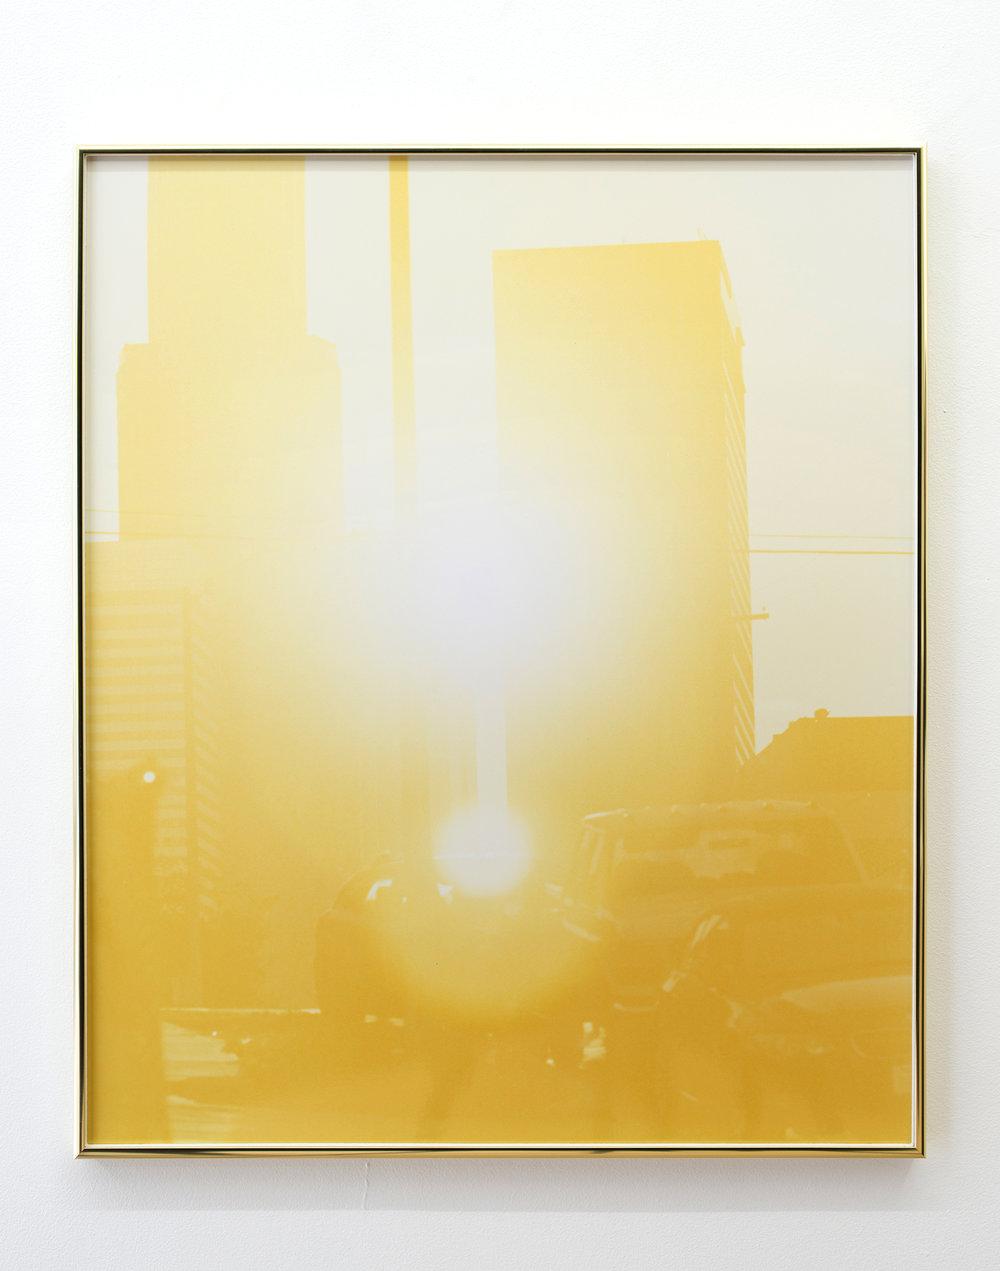 Sébastien Reuzé,  SOLEIL DSC_4443 (2017) ,RC print - Papier Fuji Cristal Archive, 51 x 61 cm with frame